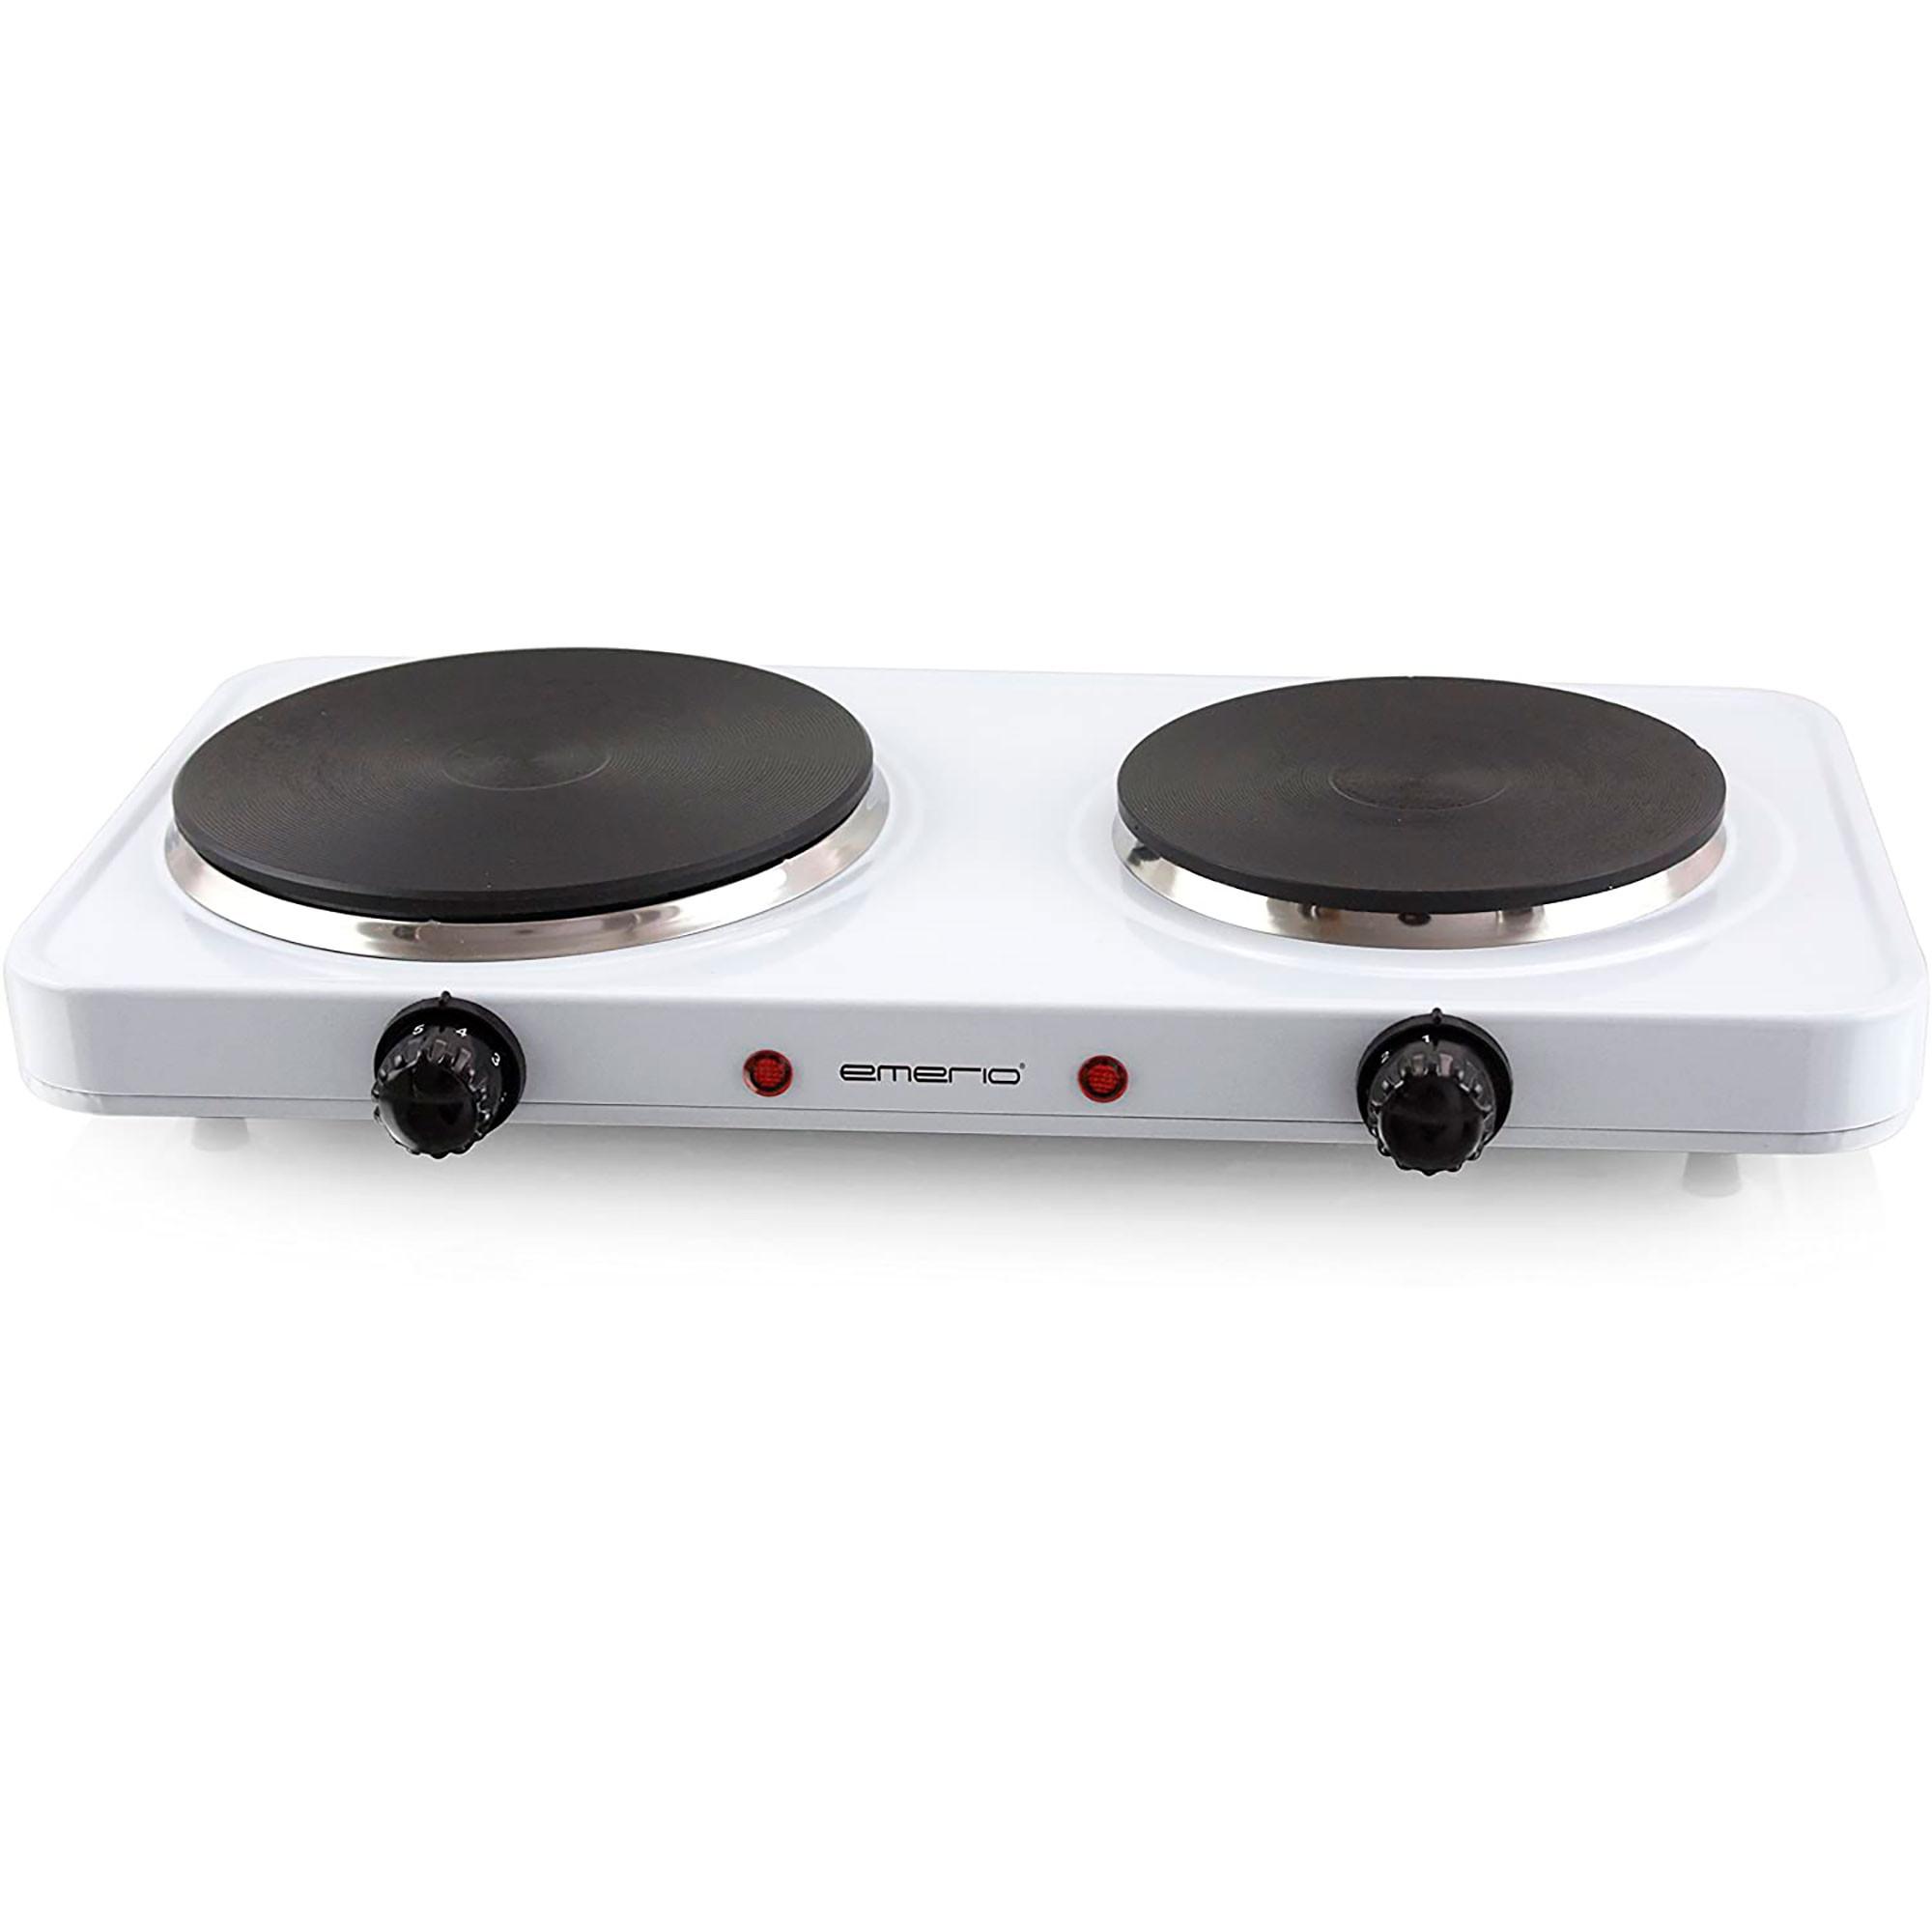 EMERIO HP-HP109090.4 Hornillo eléctrico Doble, 2 Placas de Cocinado 18,5 CM y 15,5 CM, 1500 W Y 1000 W, Regulador de Temperatura, Blanco